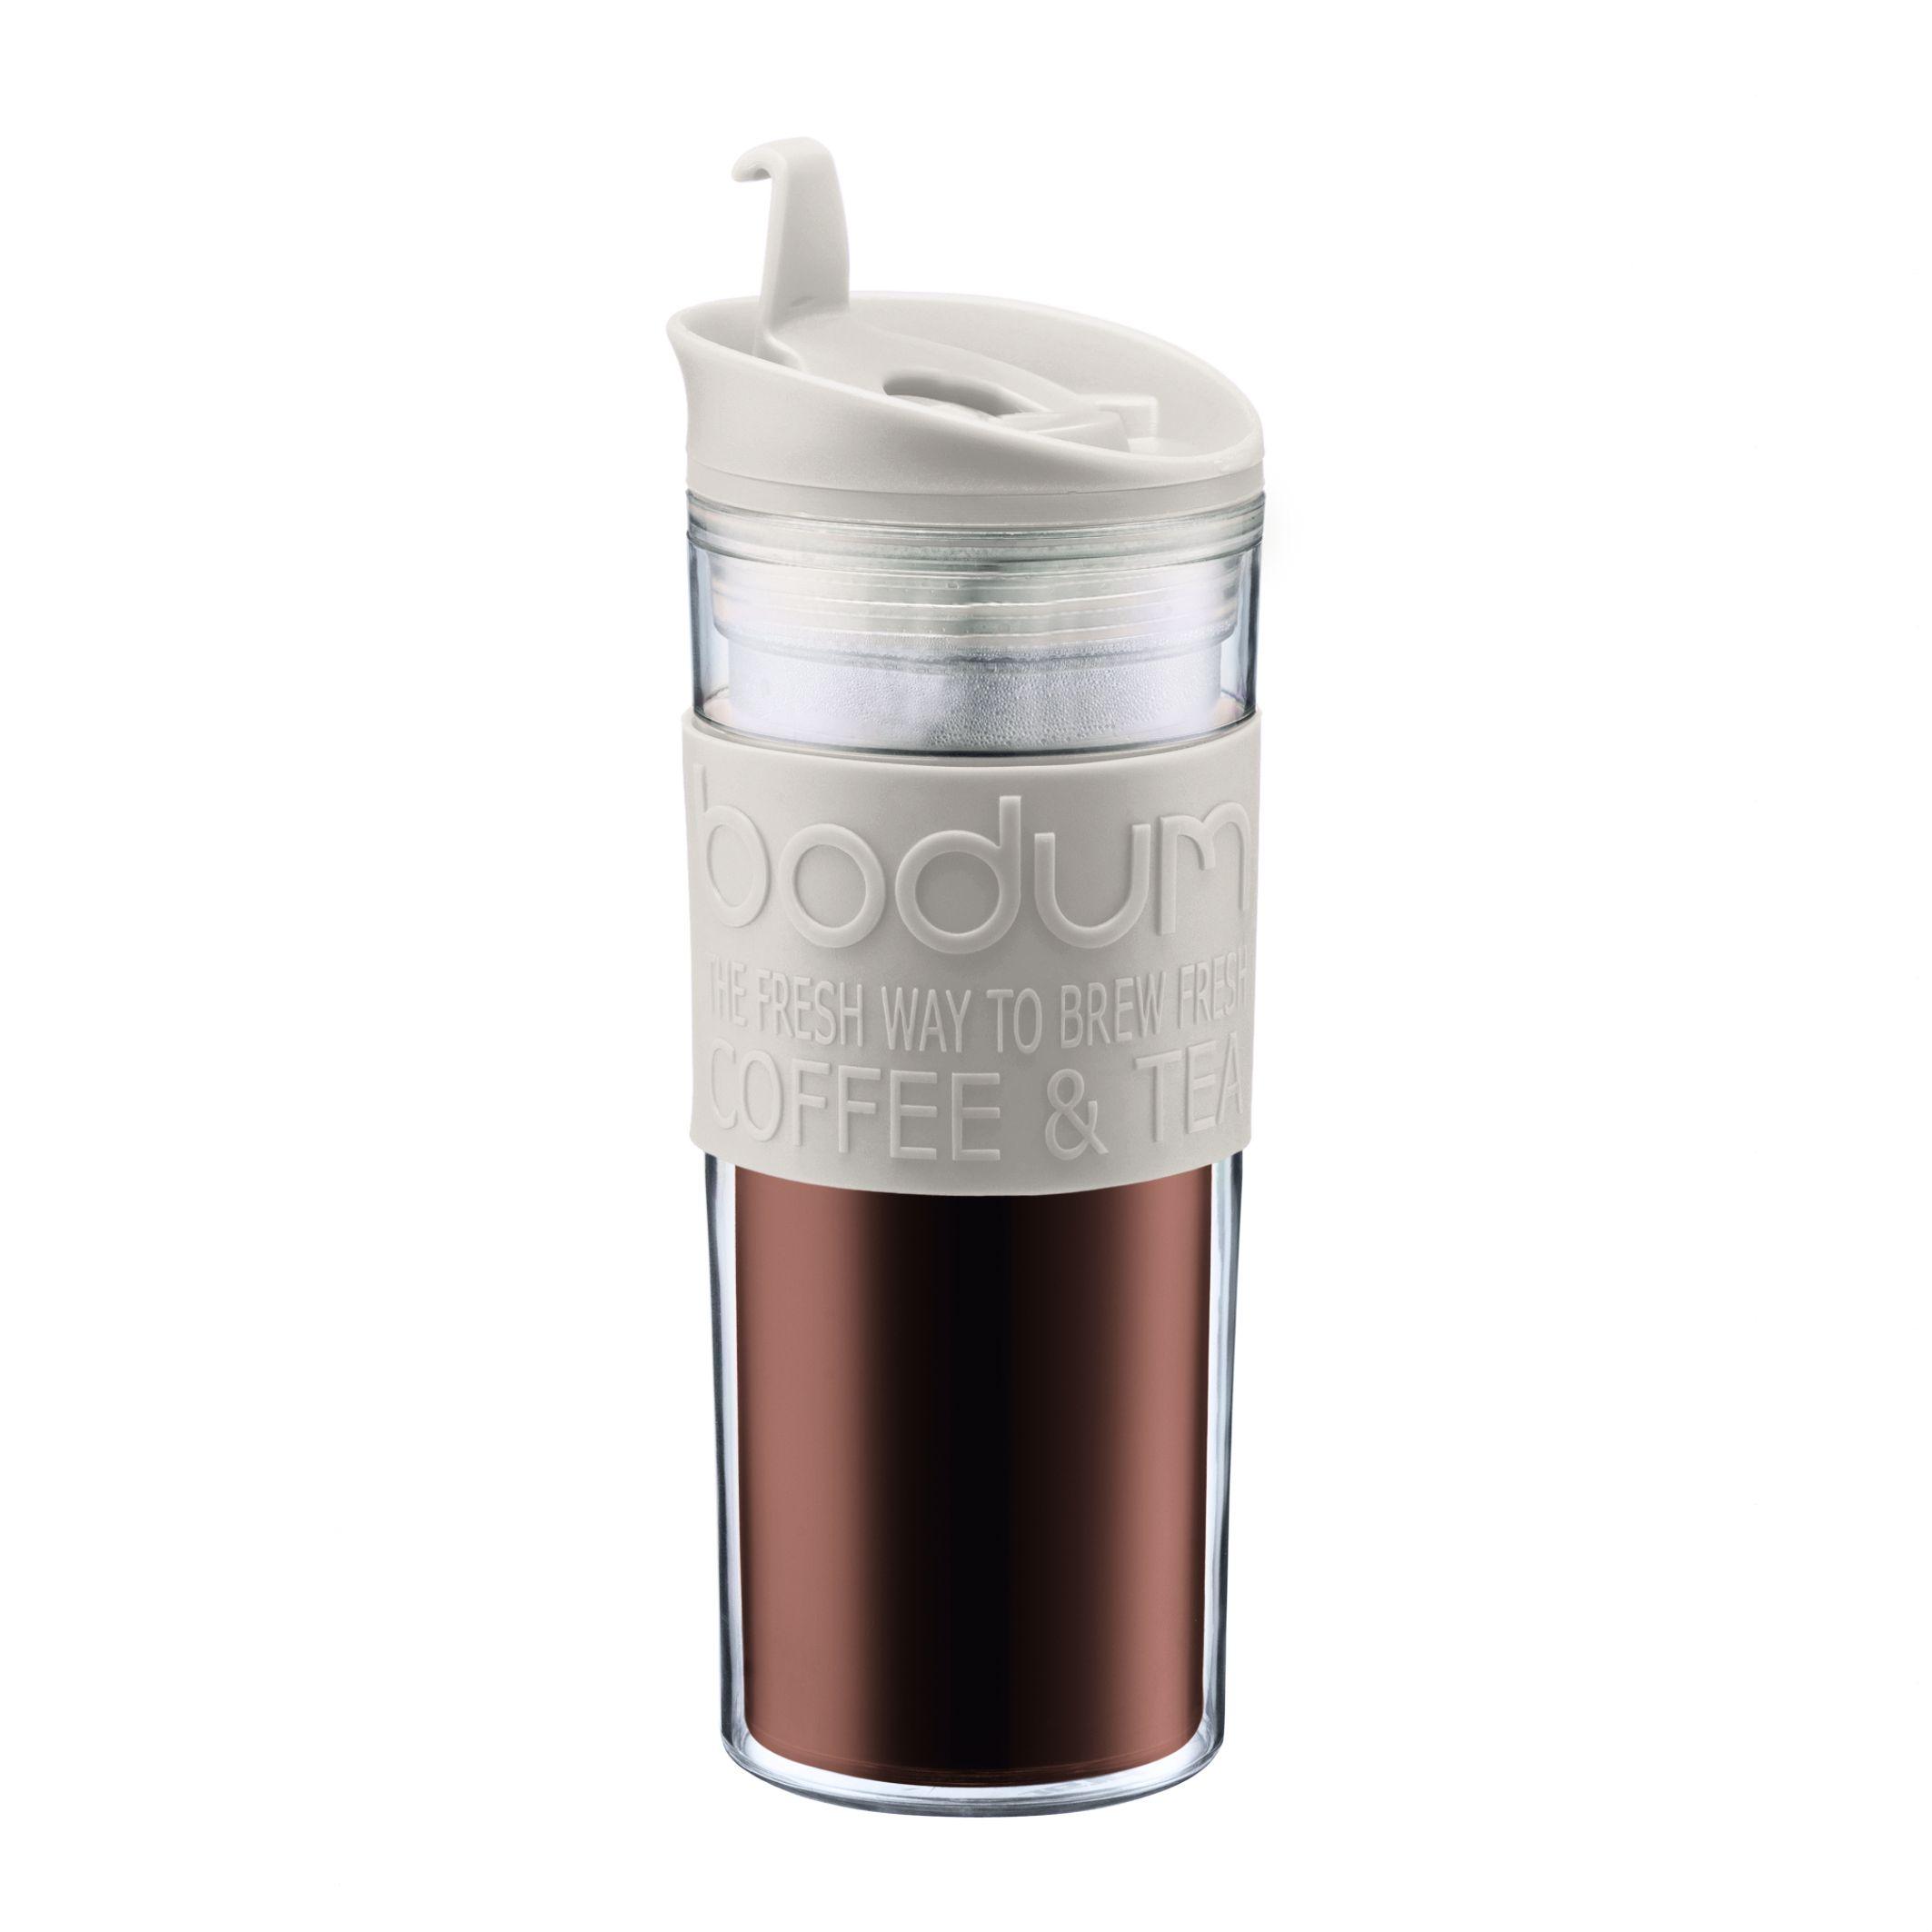 Bodum-travel-mug